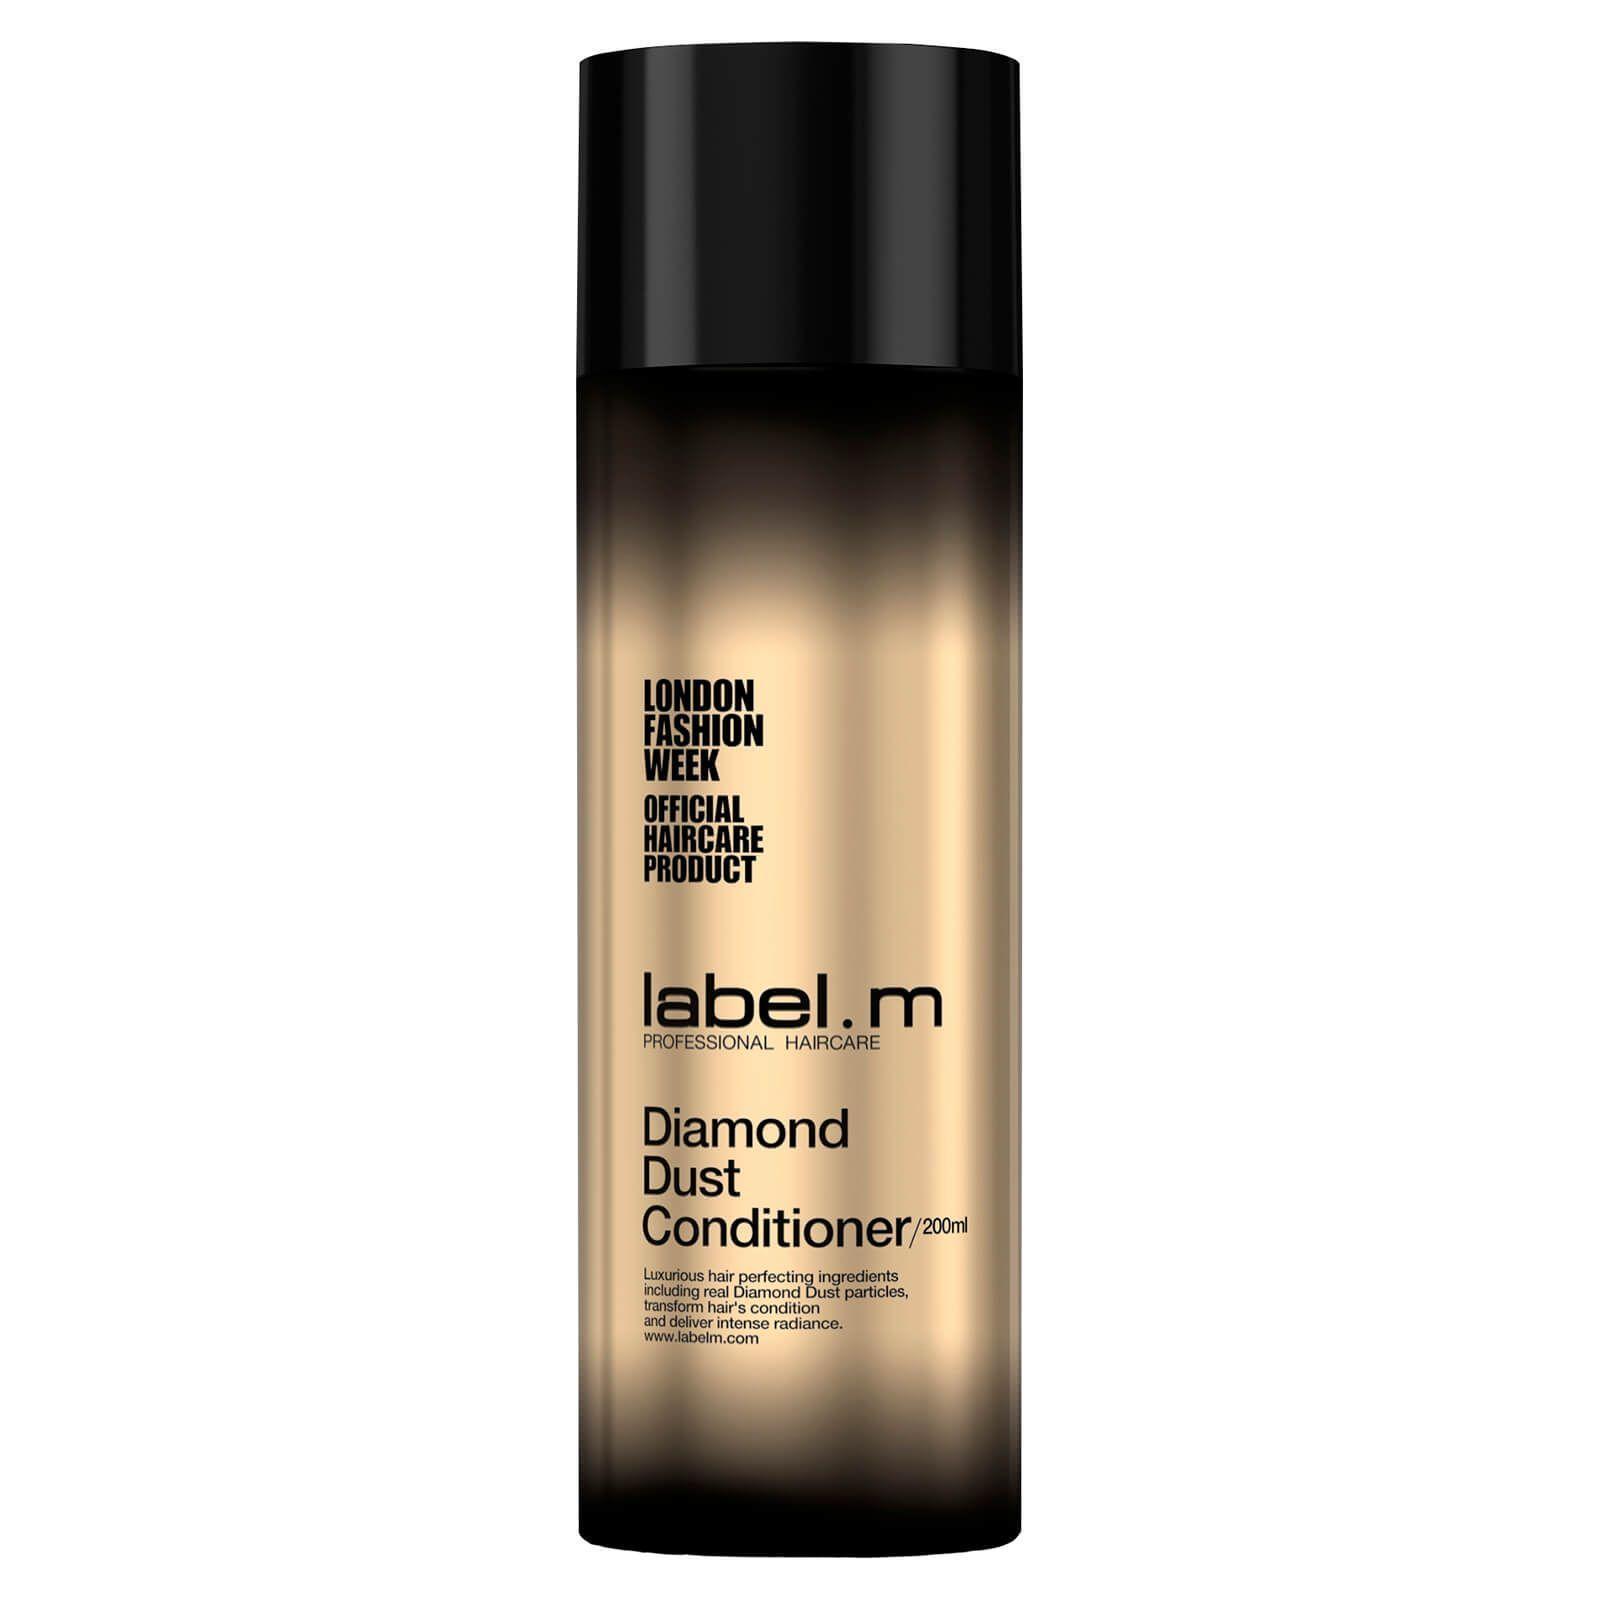 label.m Diamond Dust Conditioner - 200ml